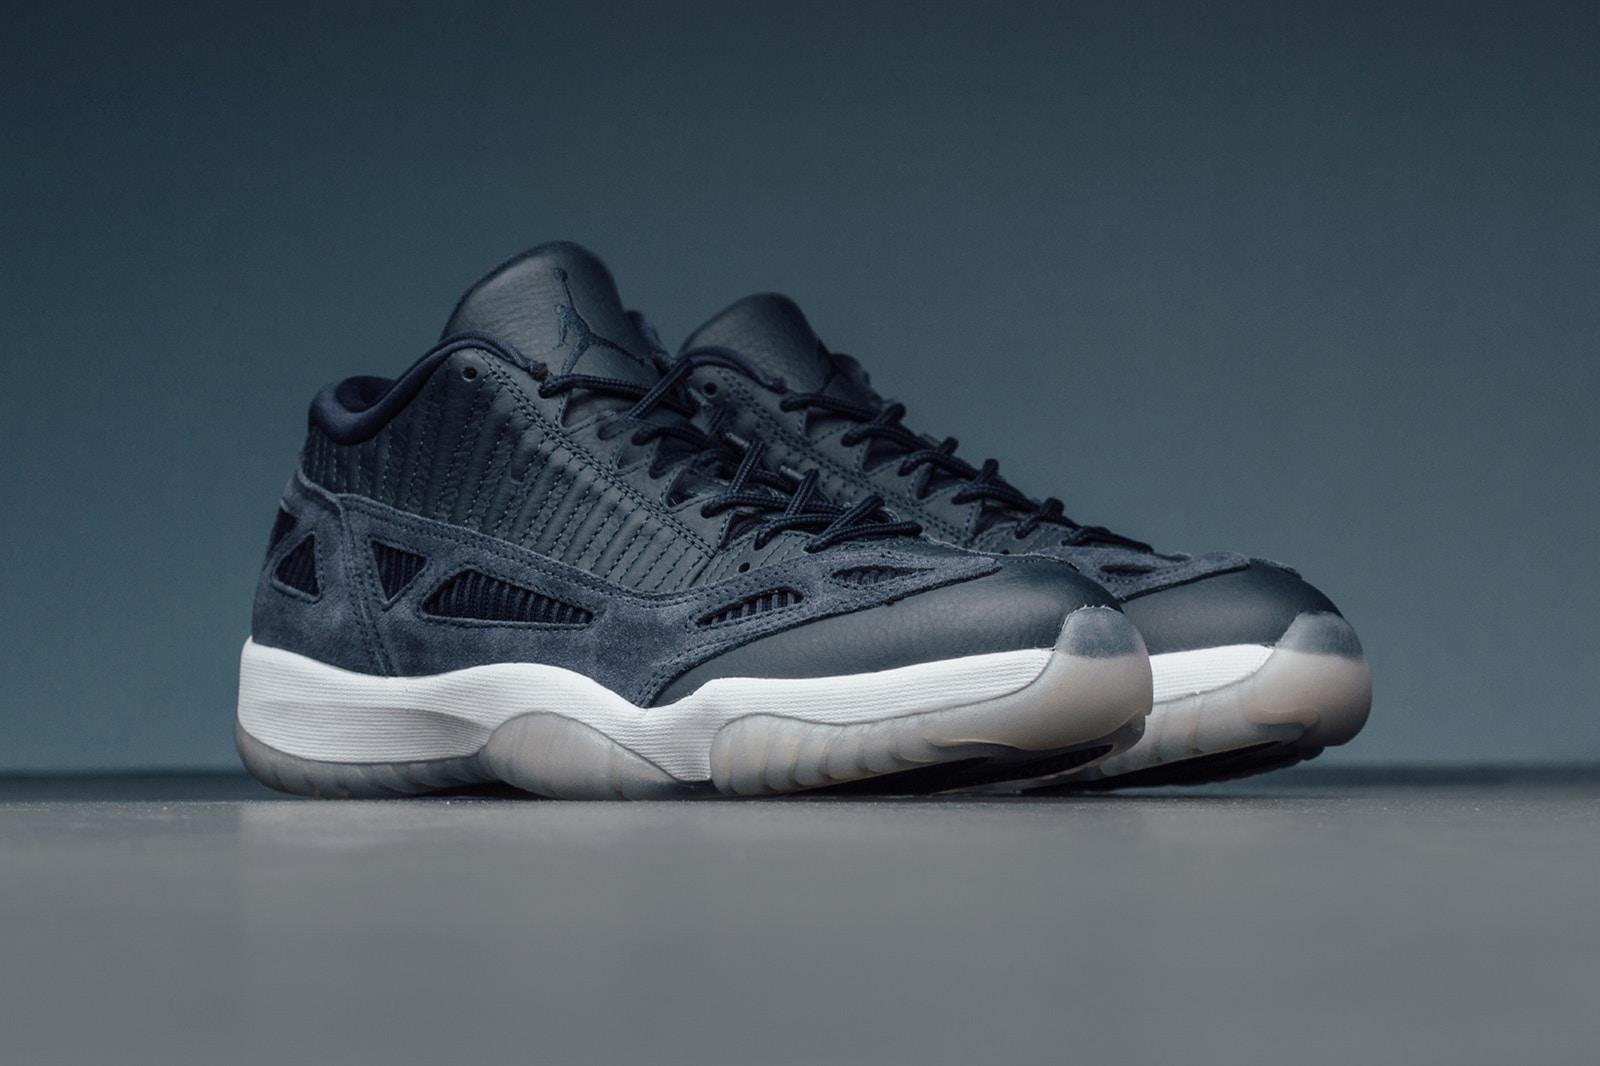 giay sneakers - elle man - Air Jordan 11 Low IE